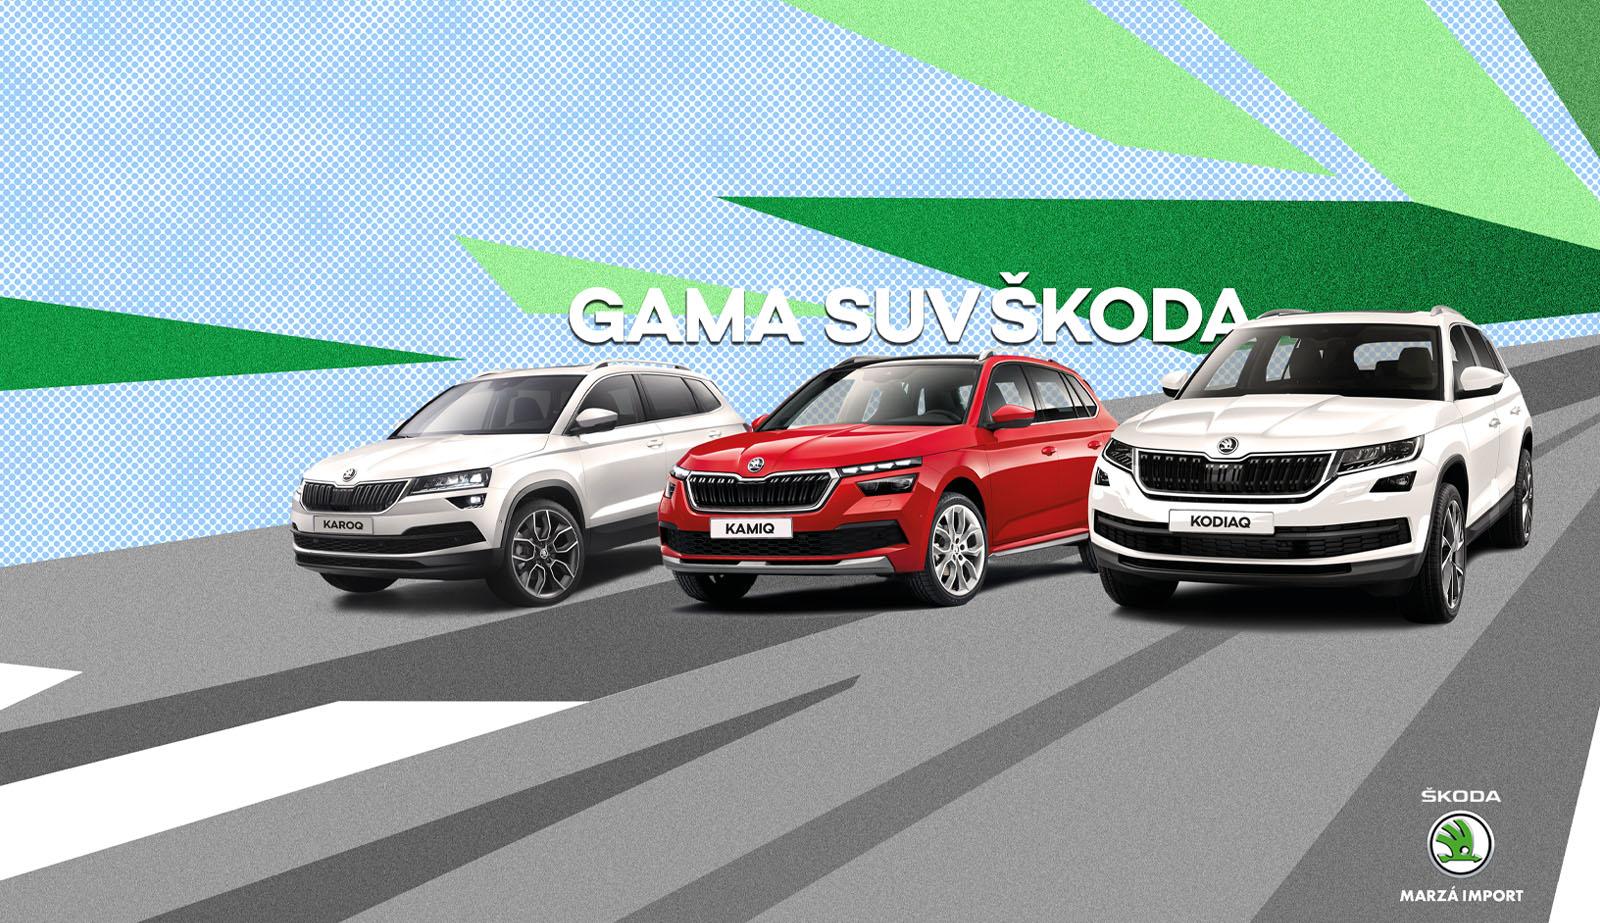 Gama SUV SKODA en Marzá import Castellón